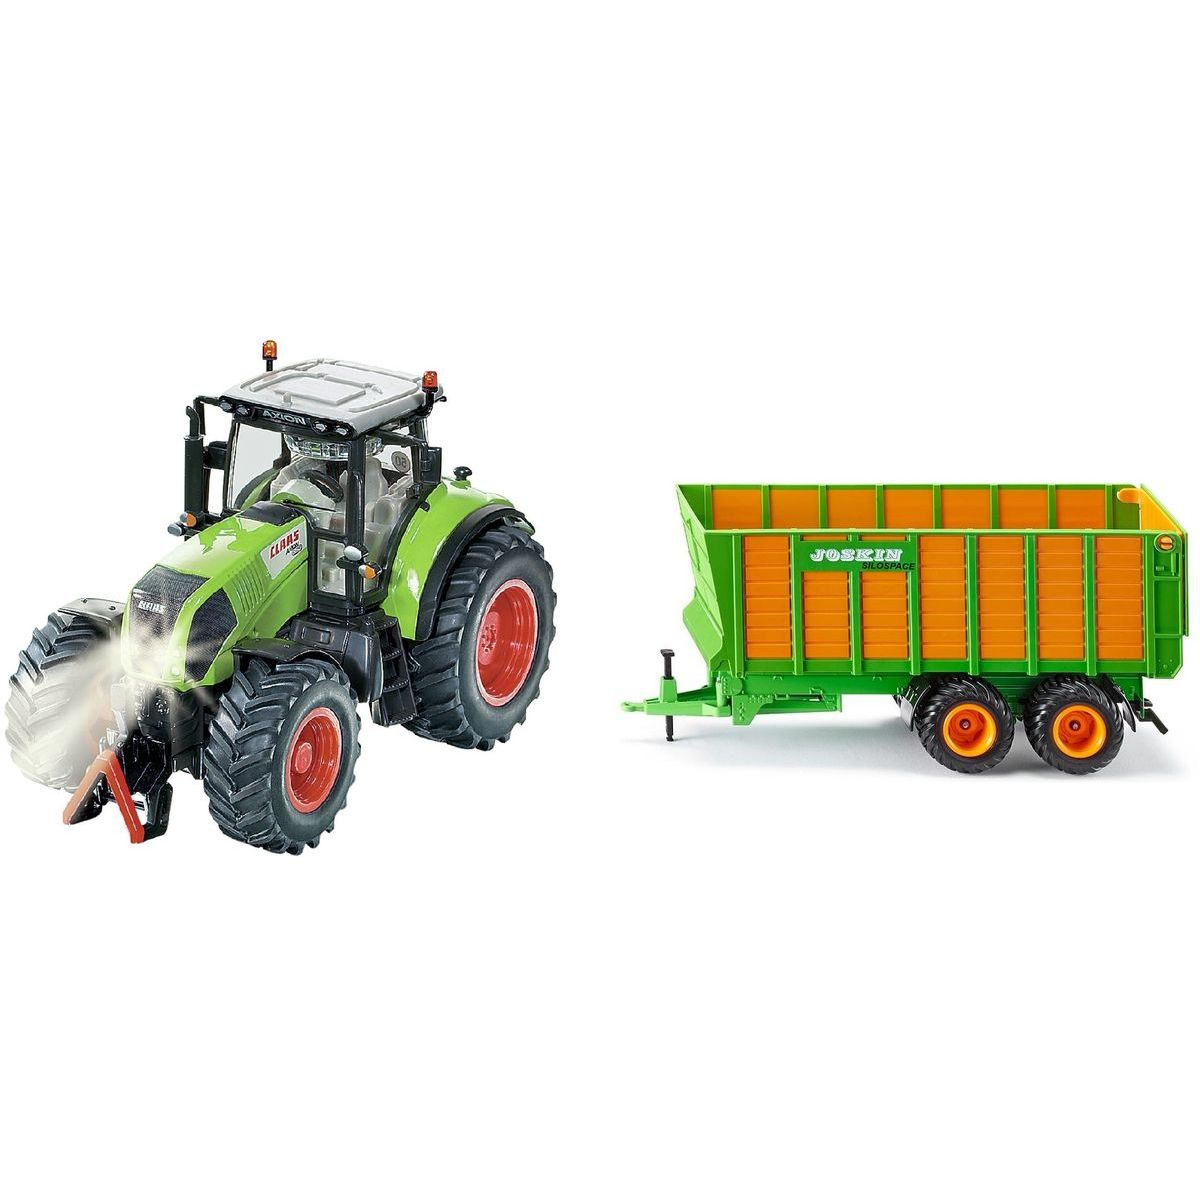 SIKU Control limitovaná edice traktor Claas Axion silážní vůz Joskin 1:32